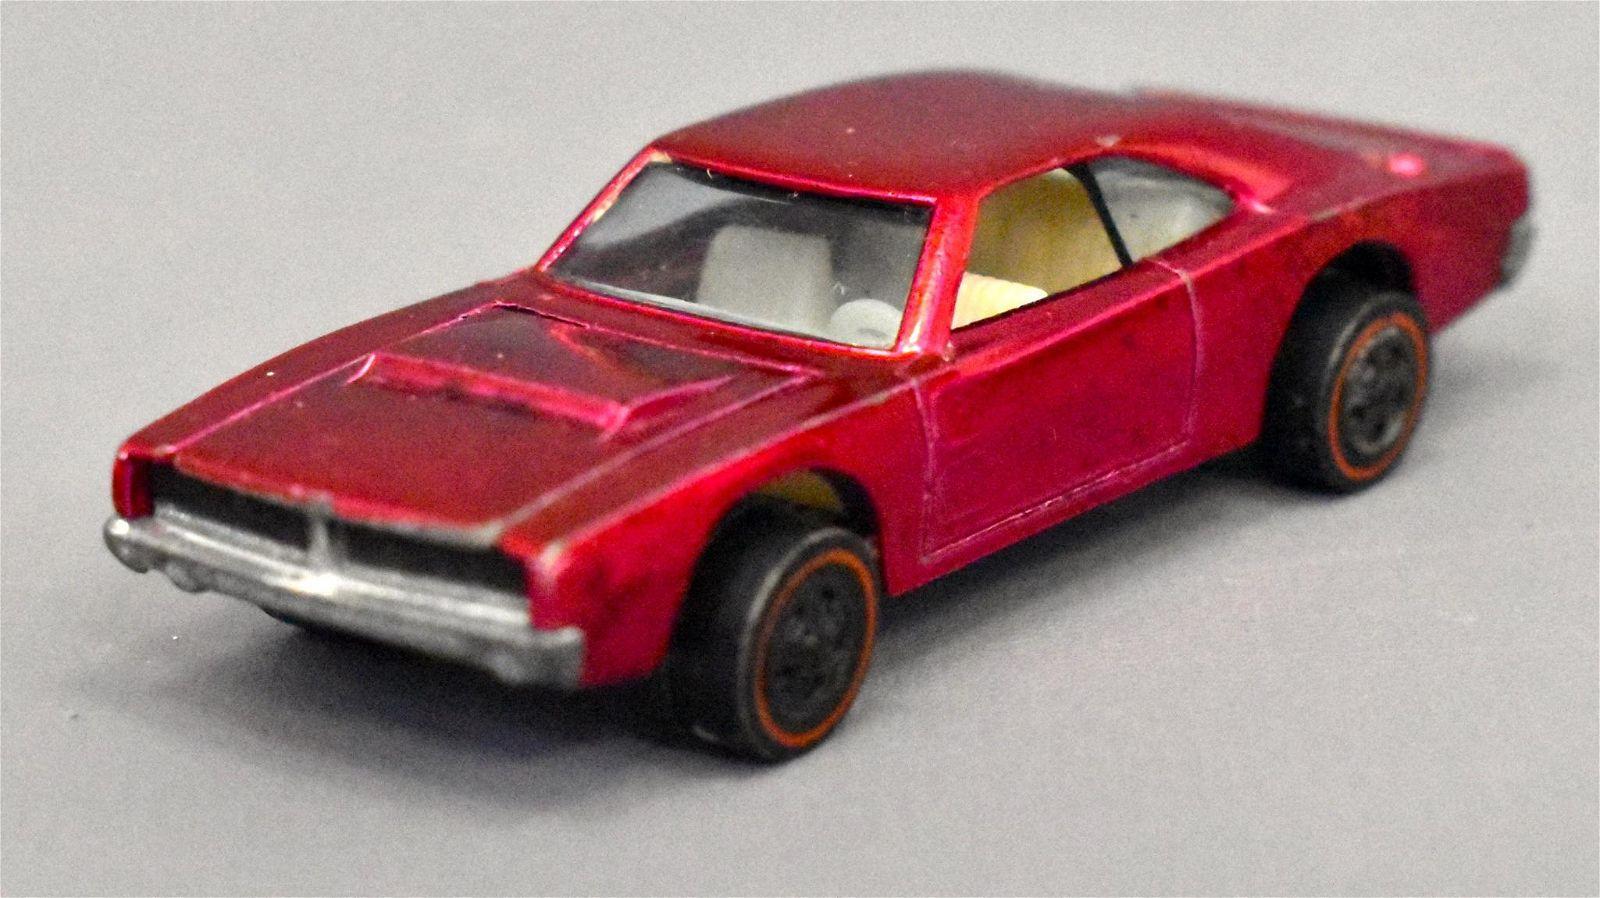 Mattel Redline Hot Wheels Rose Custom Charger